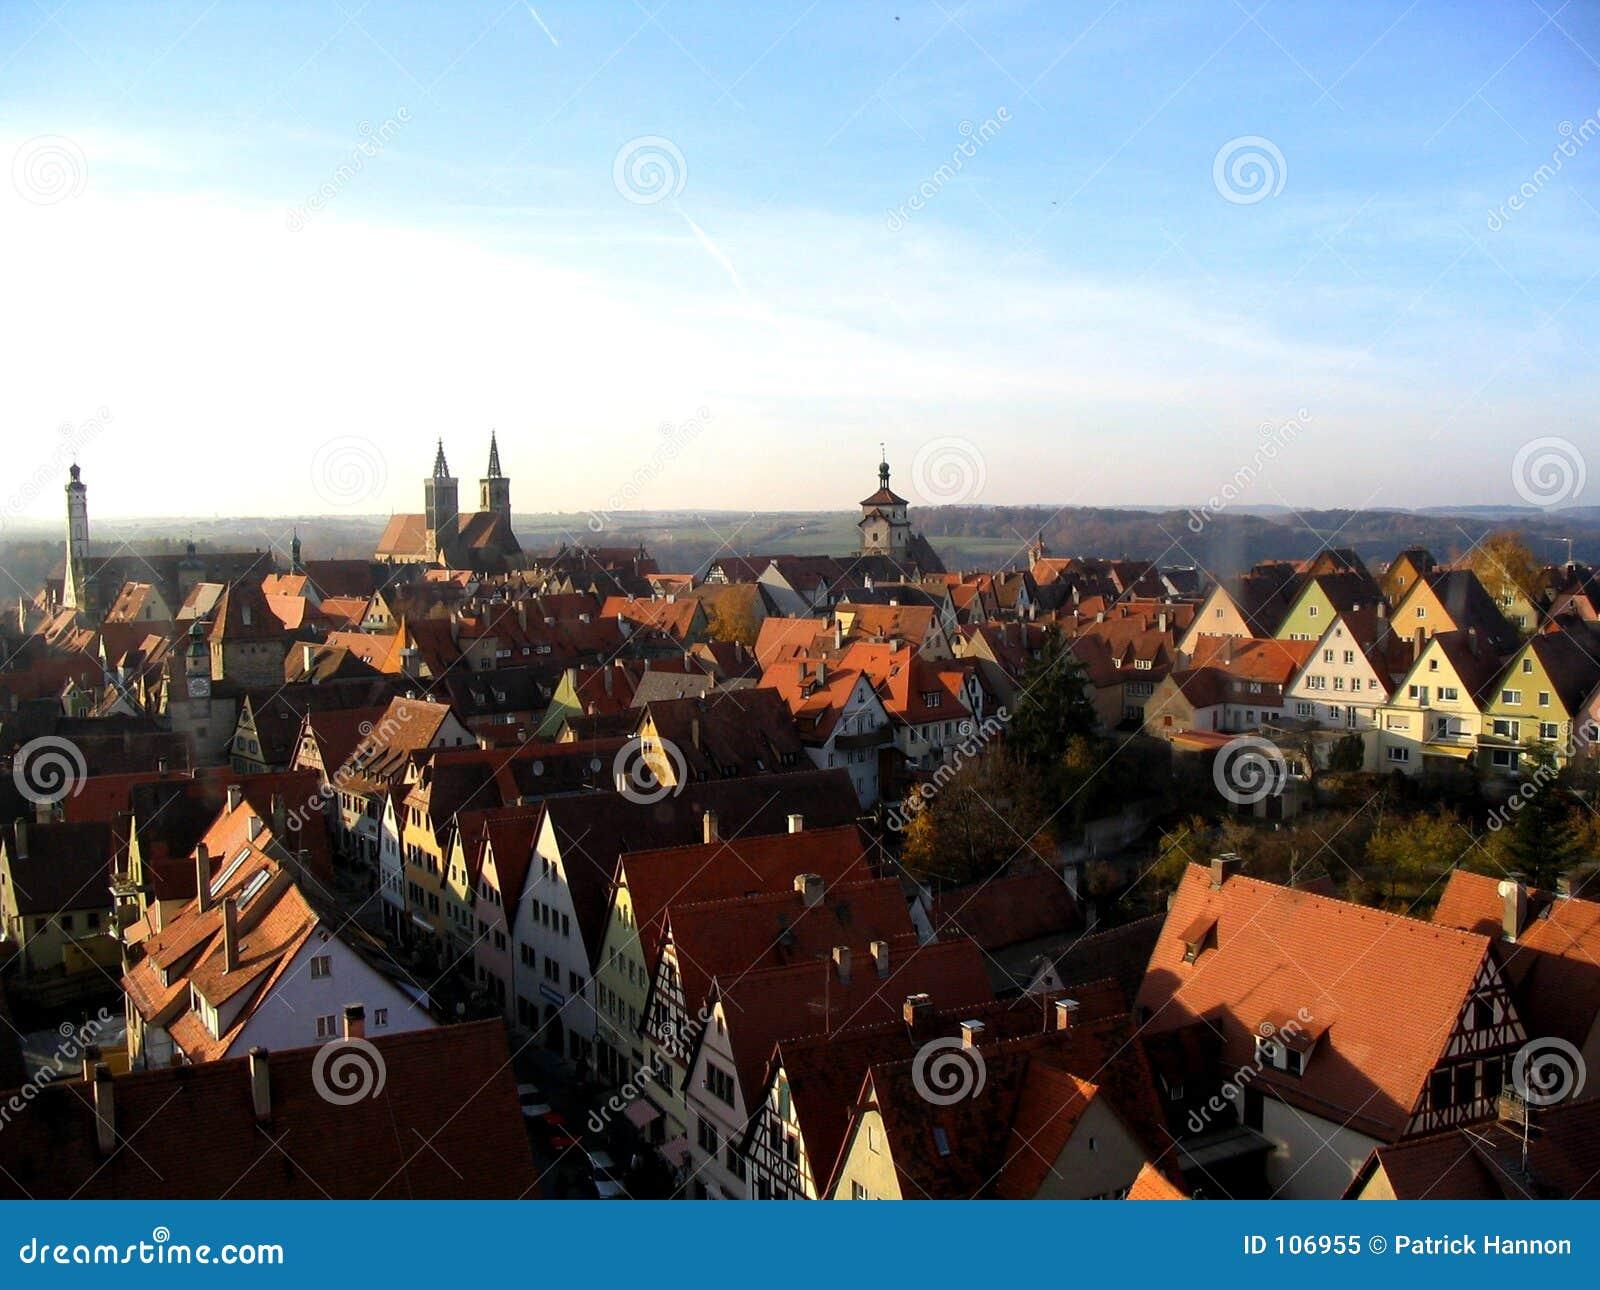 Rothenburg City View